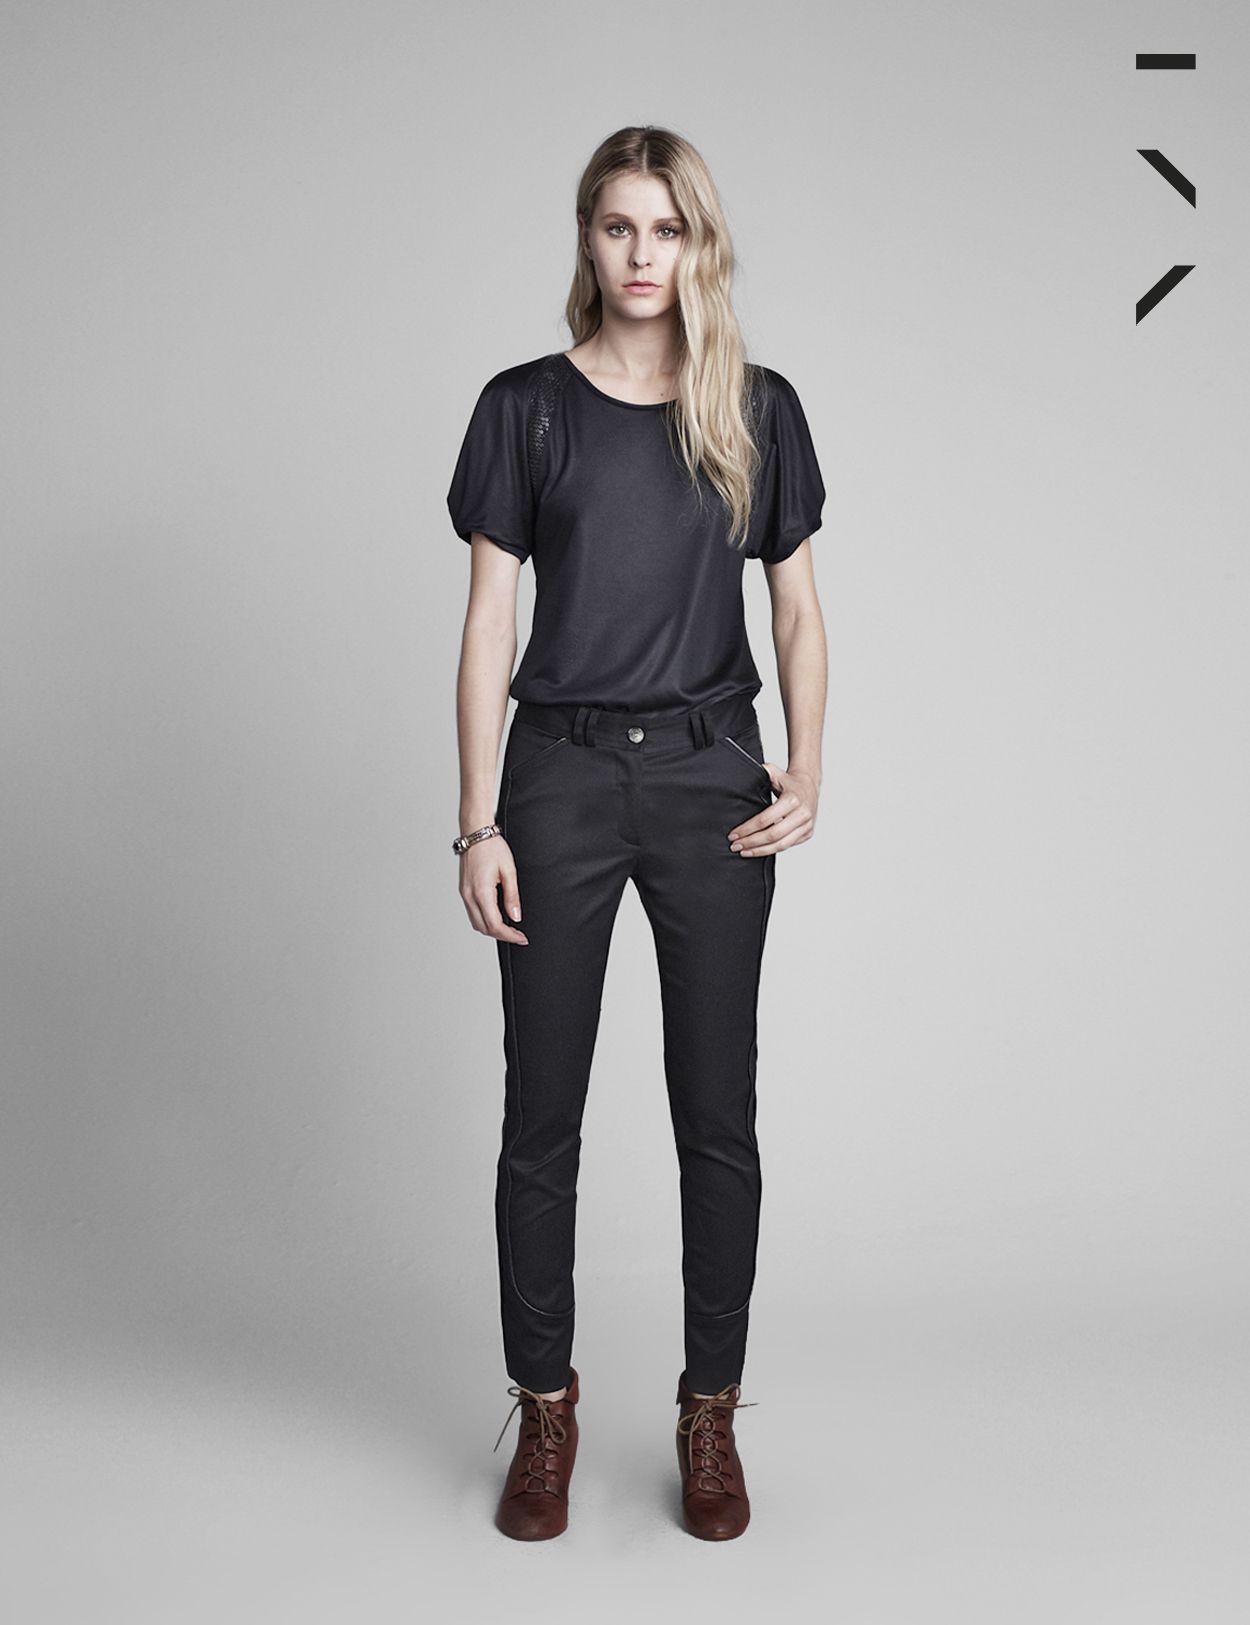 calça lina preta